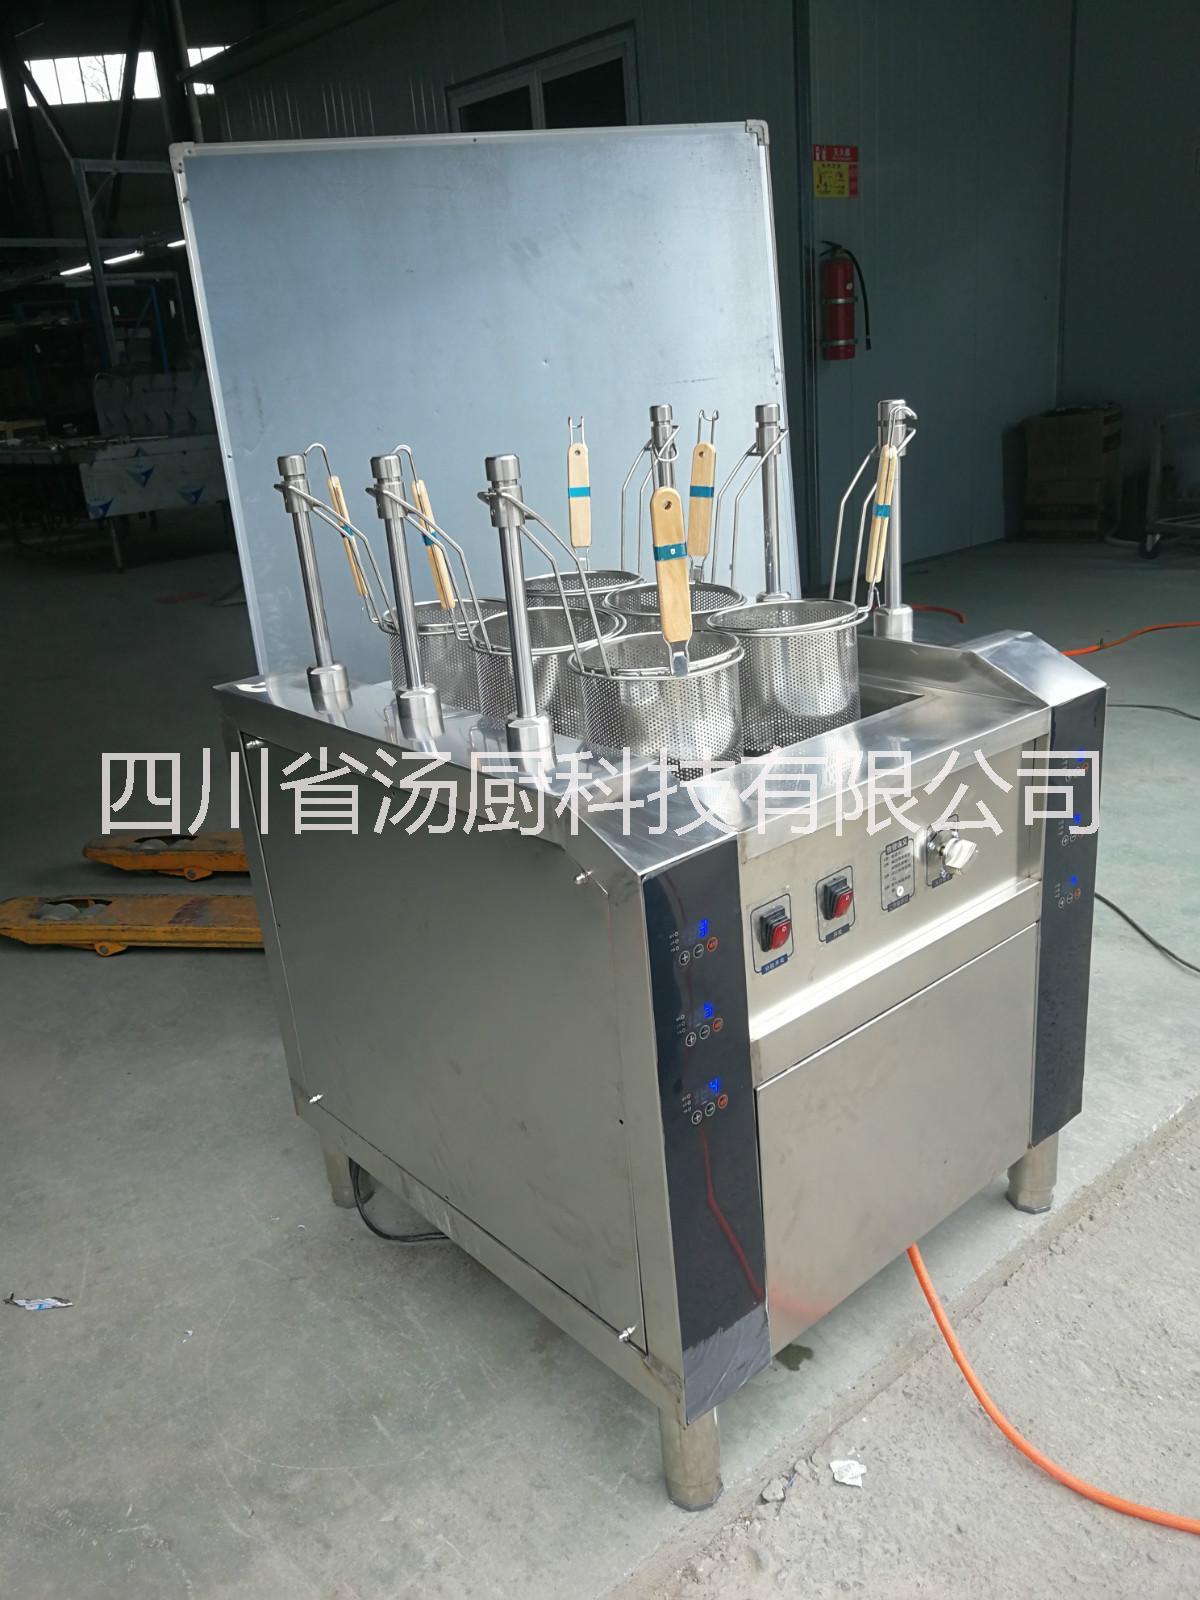 汤厨智能灶-可定制各种煮面炉汤炉大品牌质量保证